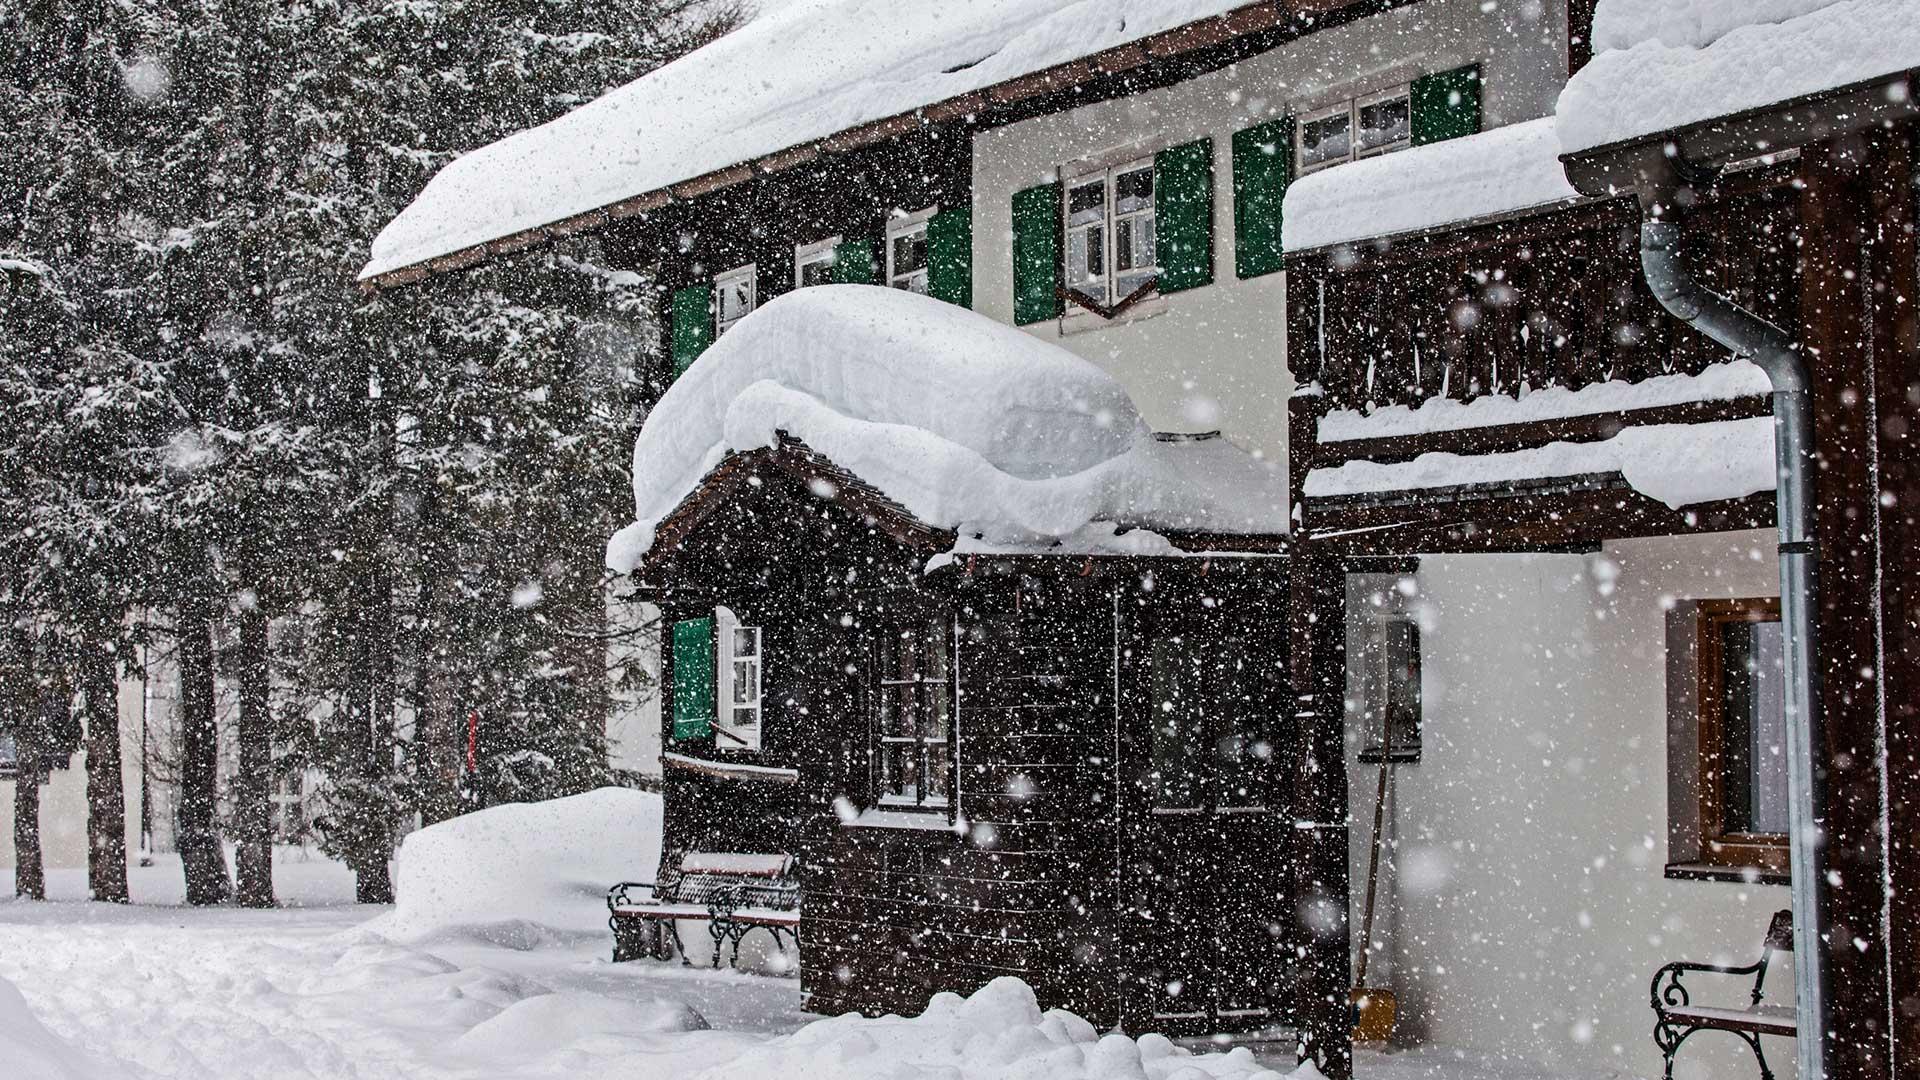 snowing-(1-of-1).jpg